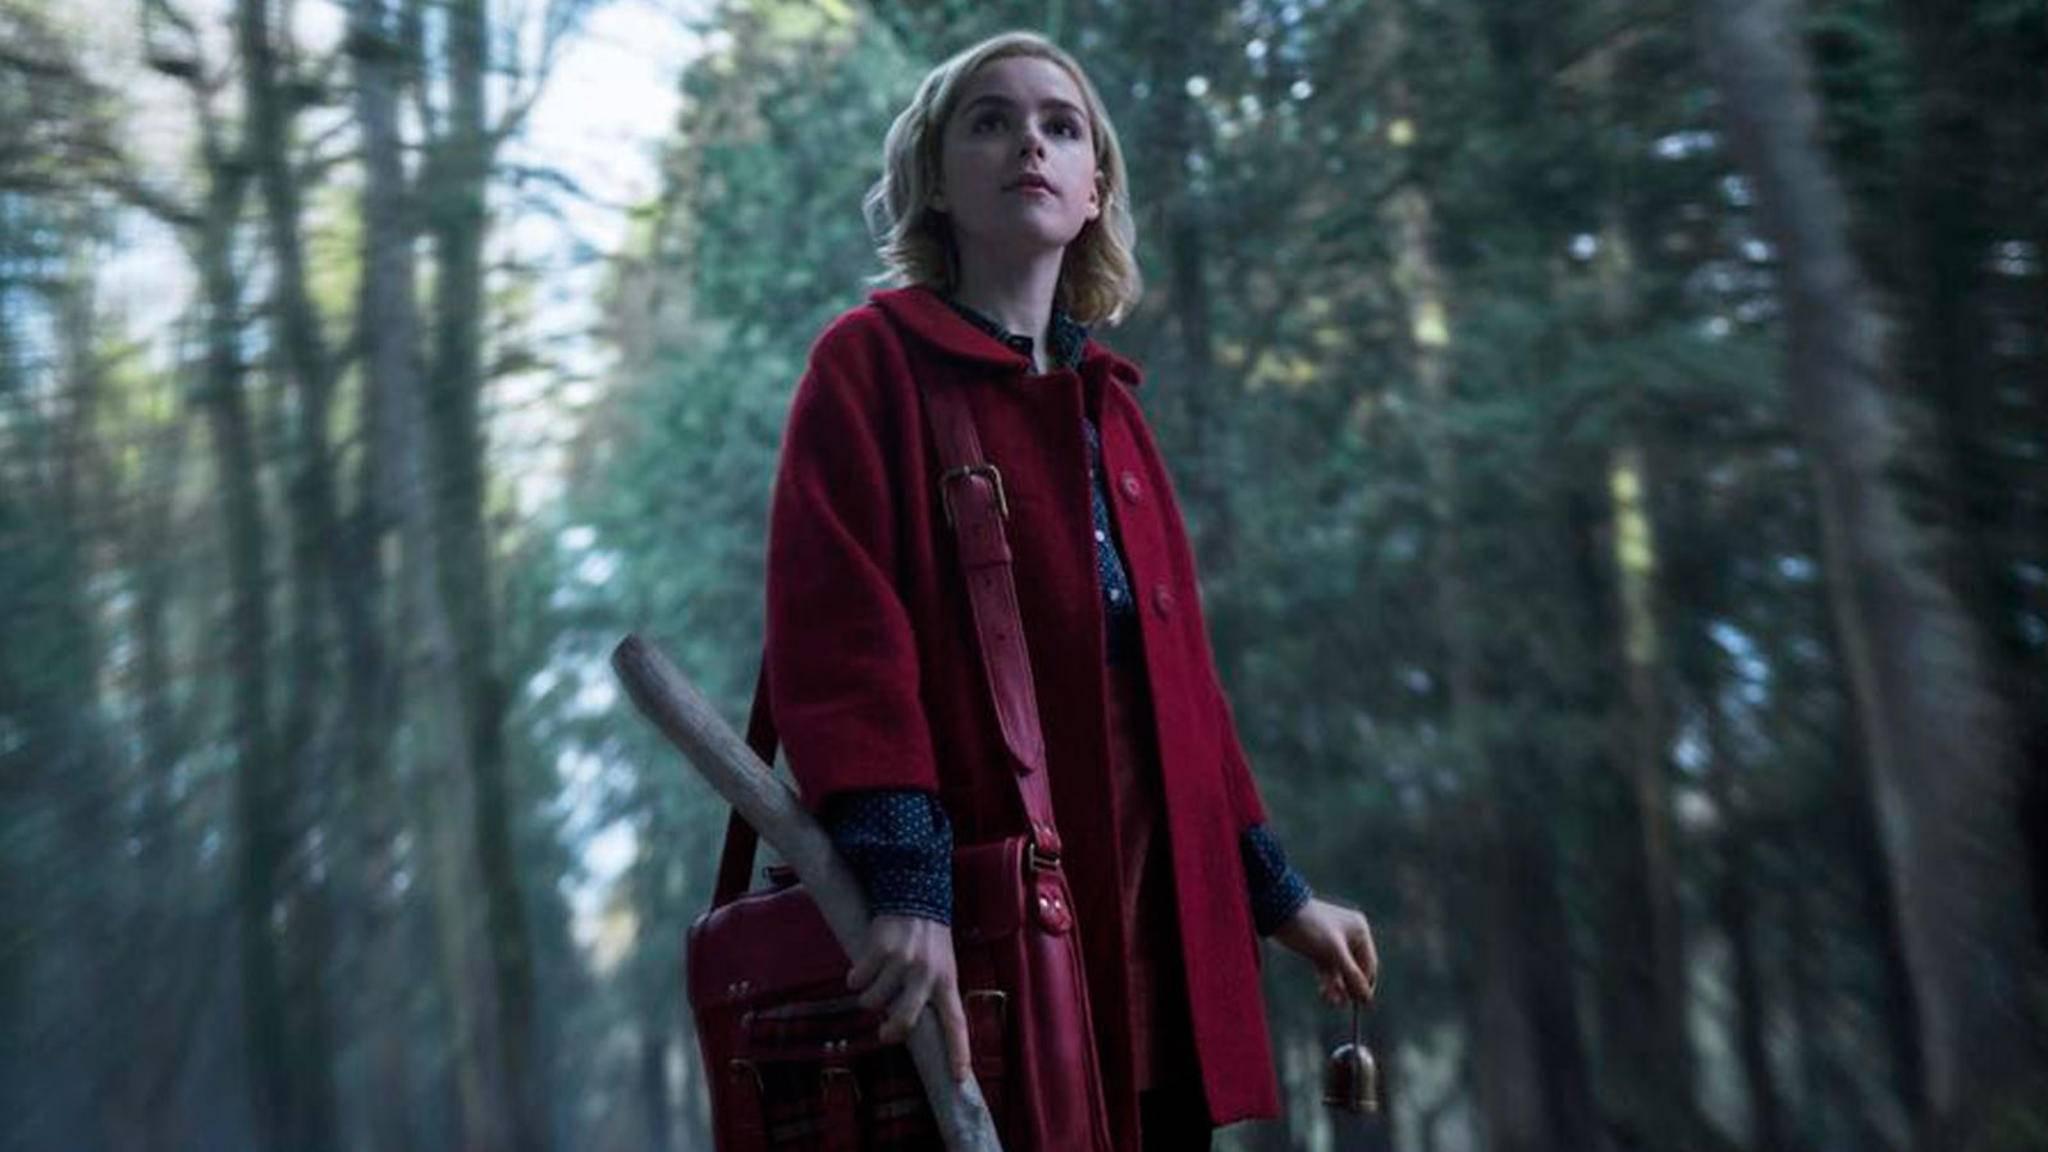 Sabrina Spellman mag zwar den Pakt mit dem Teufel geschlossen haben, eine folgsame Hexe wird sie aber dennoch nicht.